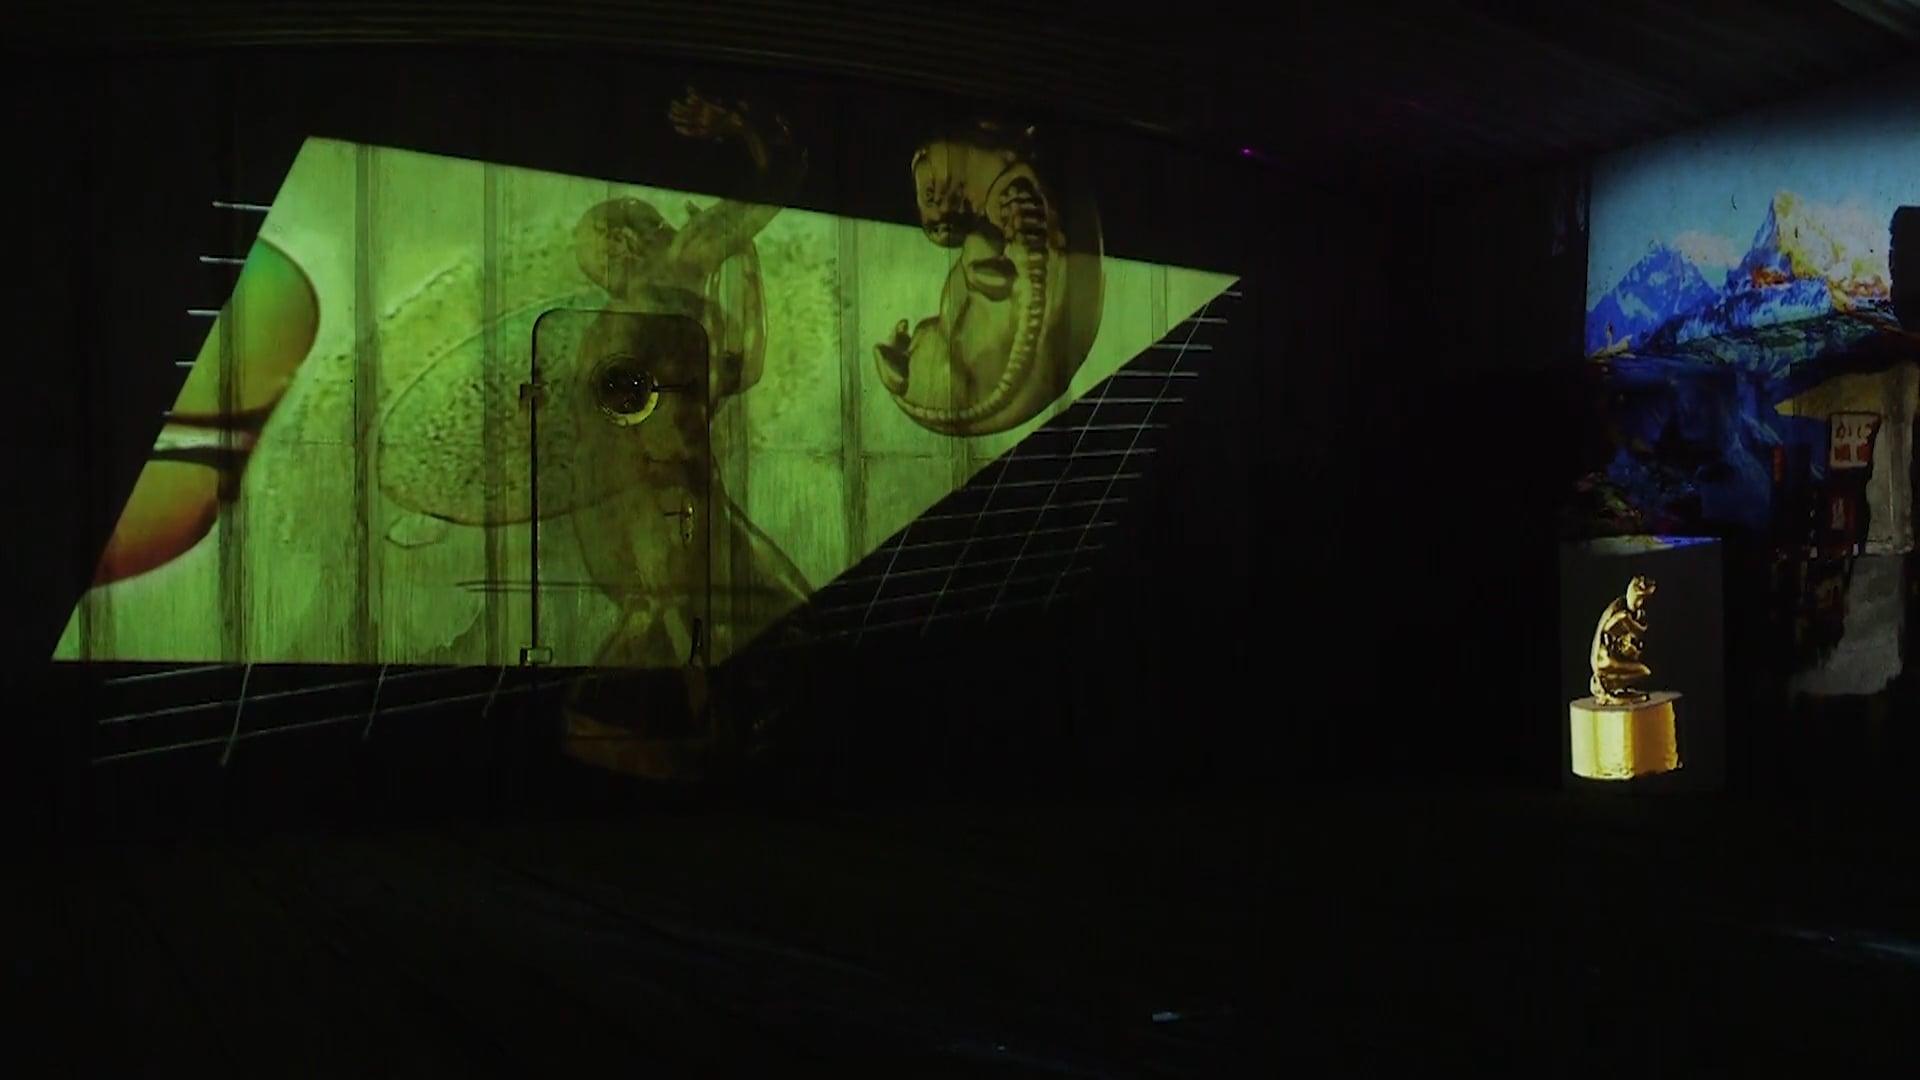 Phantasm (Long version) - Exhibition at Hošek Contemporary, Berlin (2019)